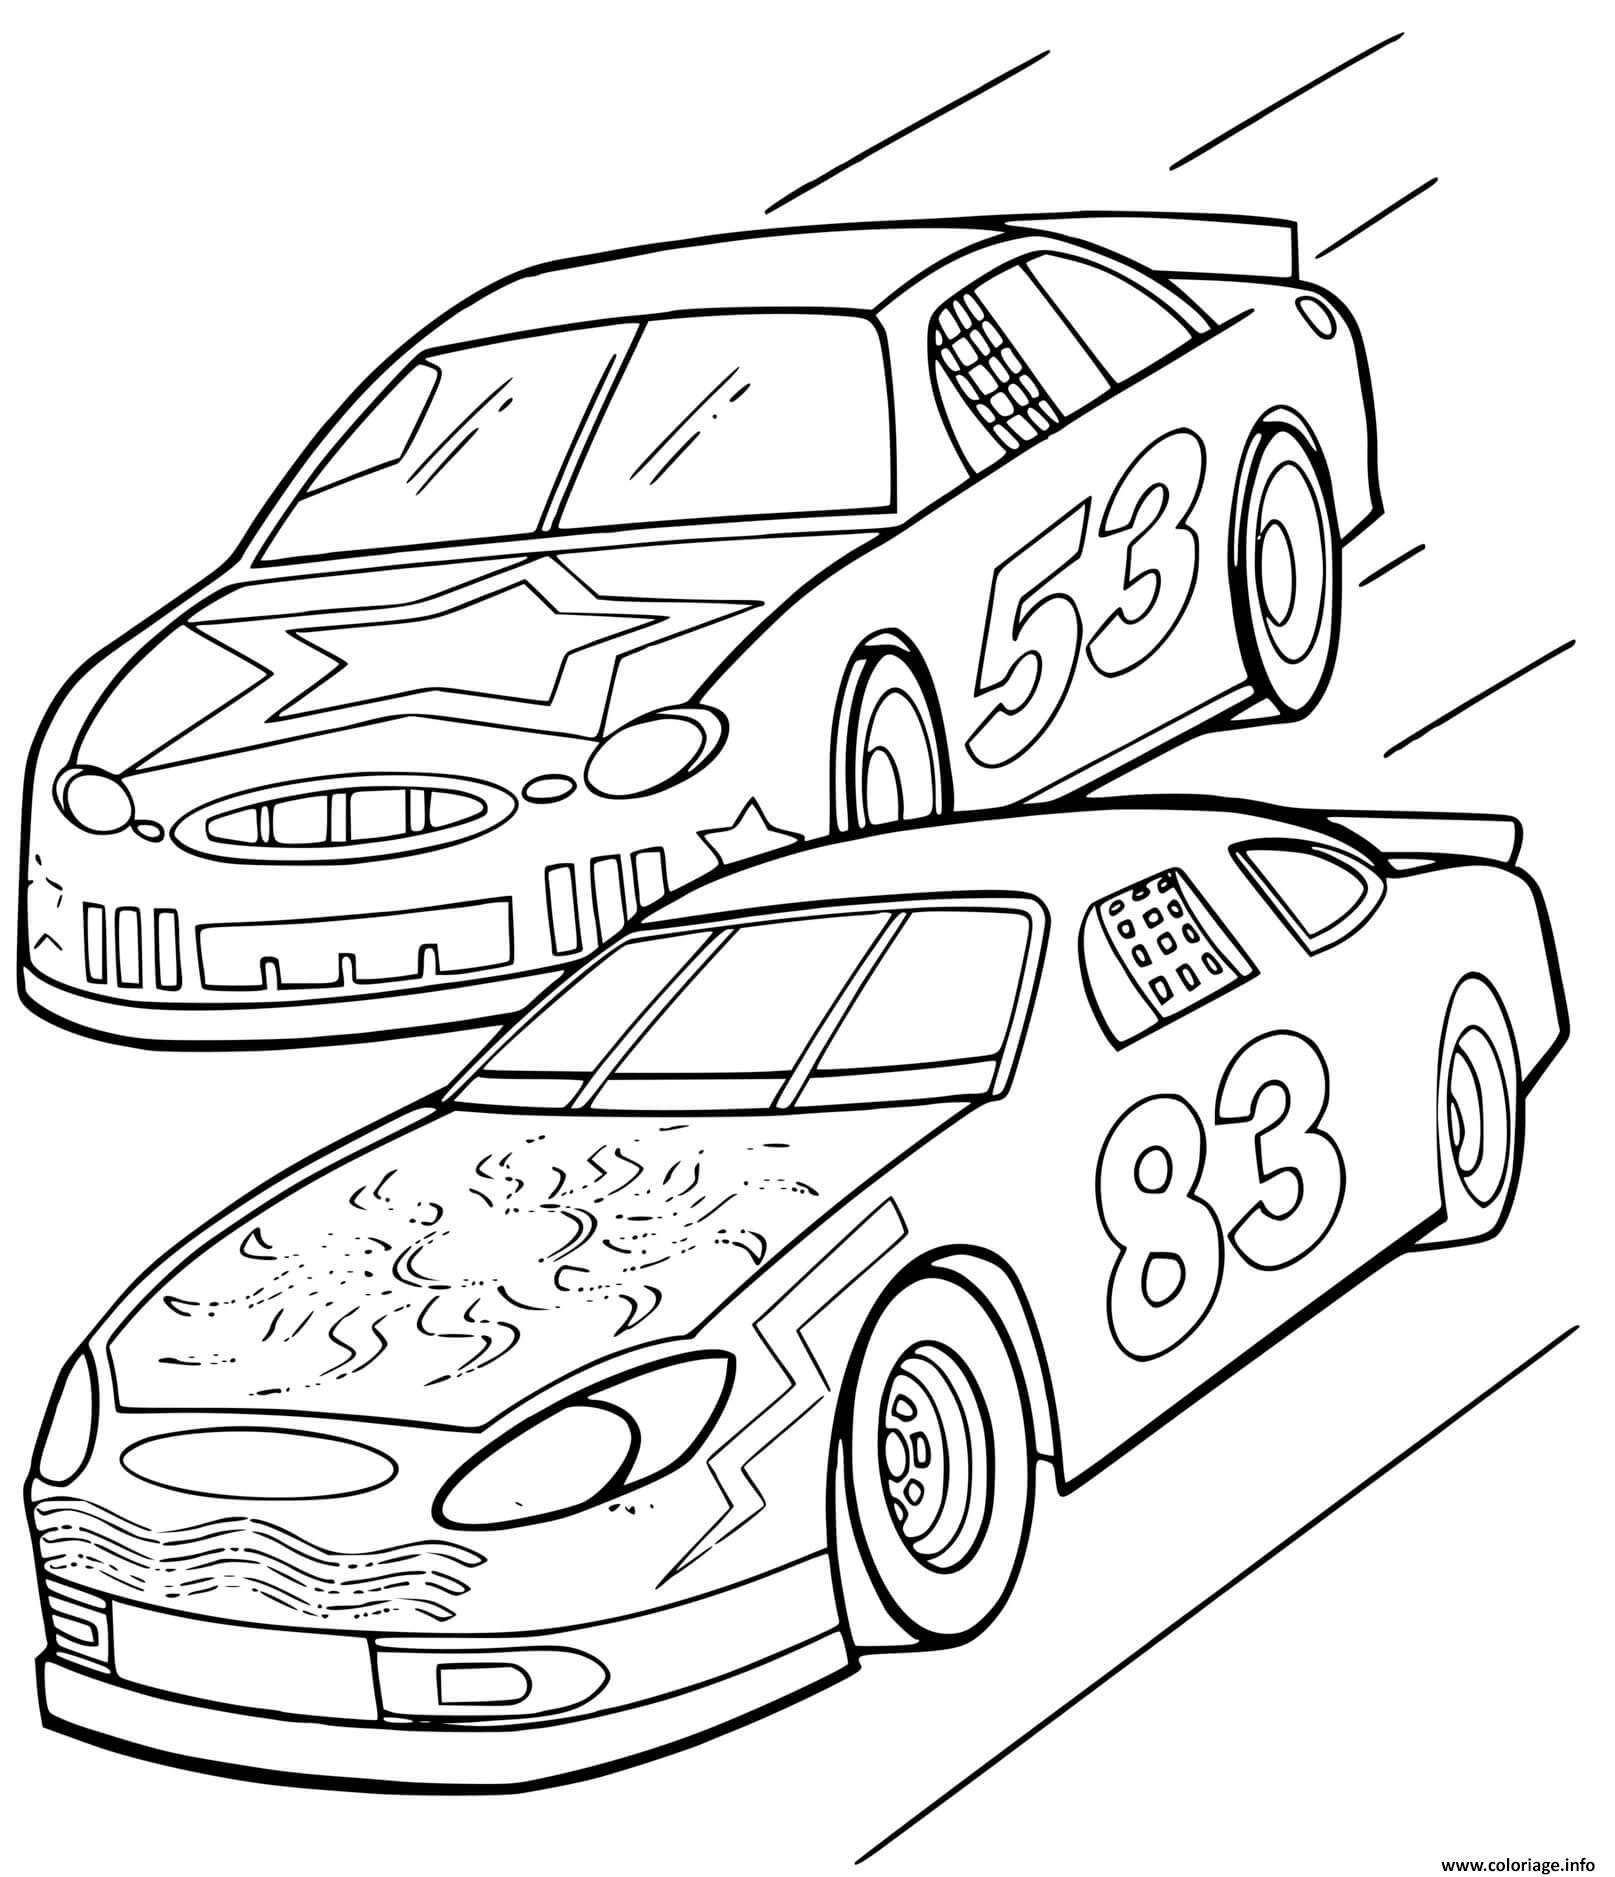 Coloriage Deux Voitures De Course Lors De Circuit Automobile Dessin Voiture De Course à imprimer